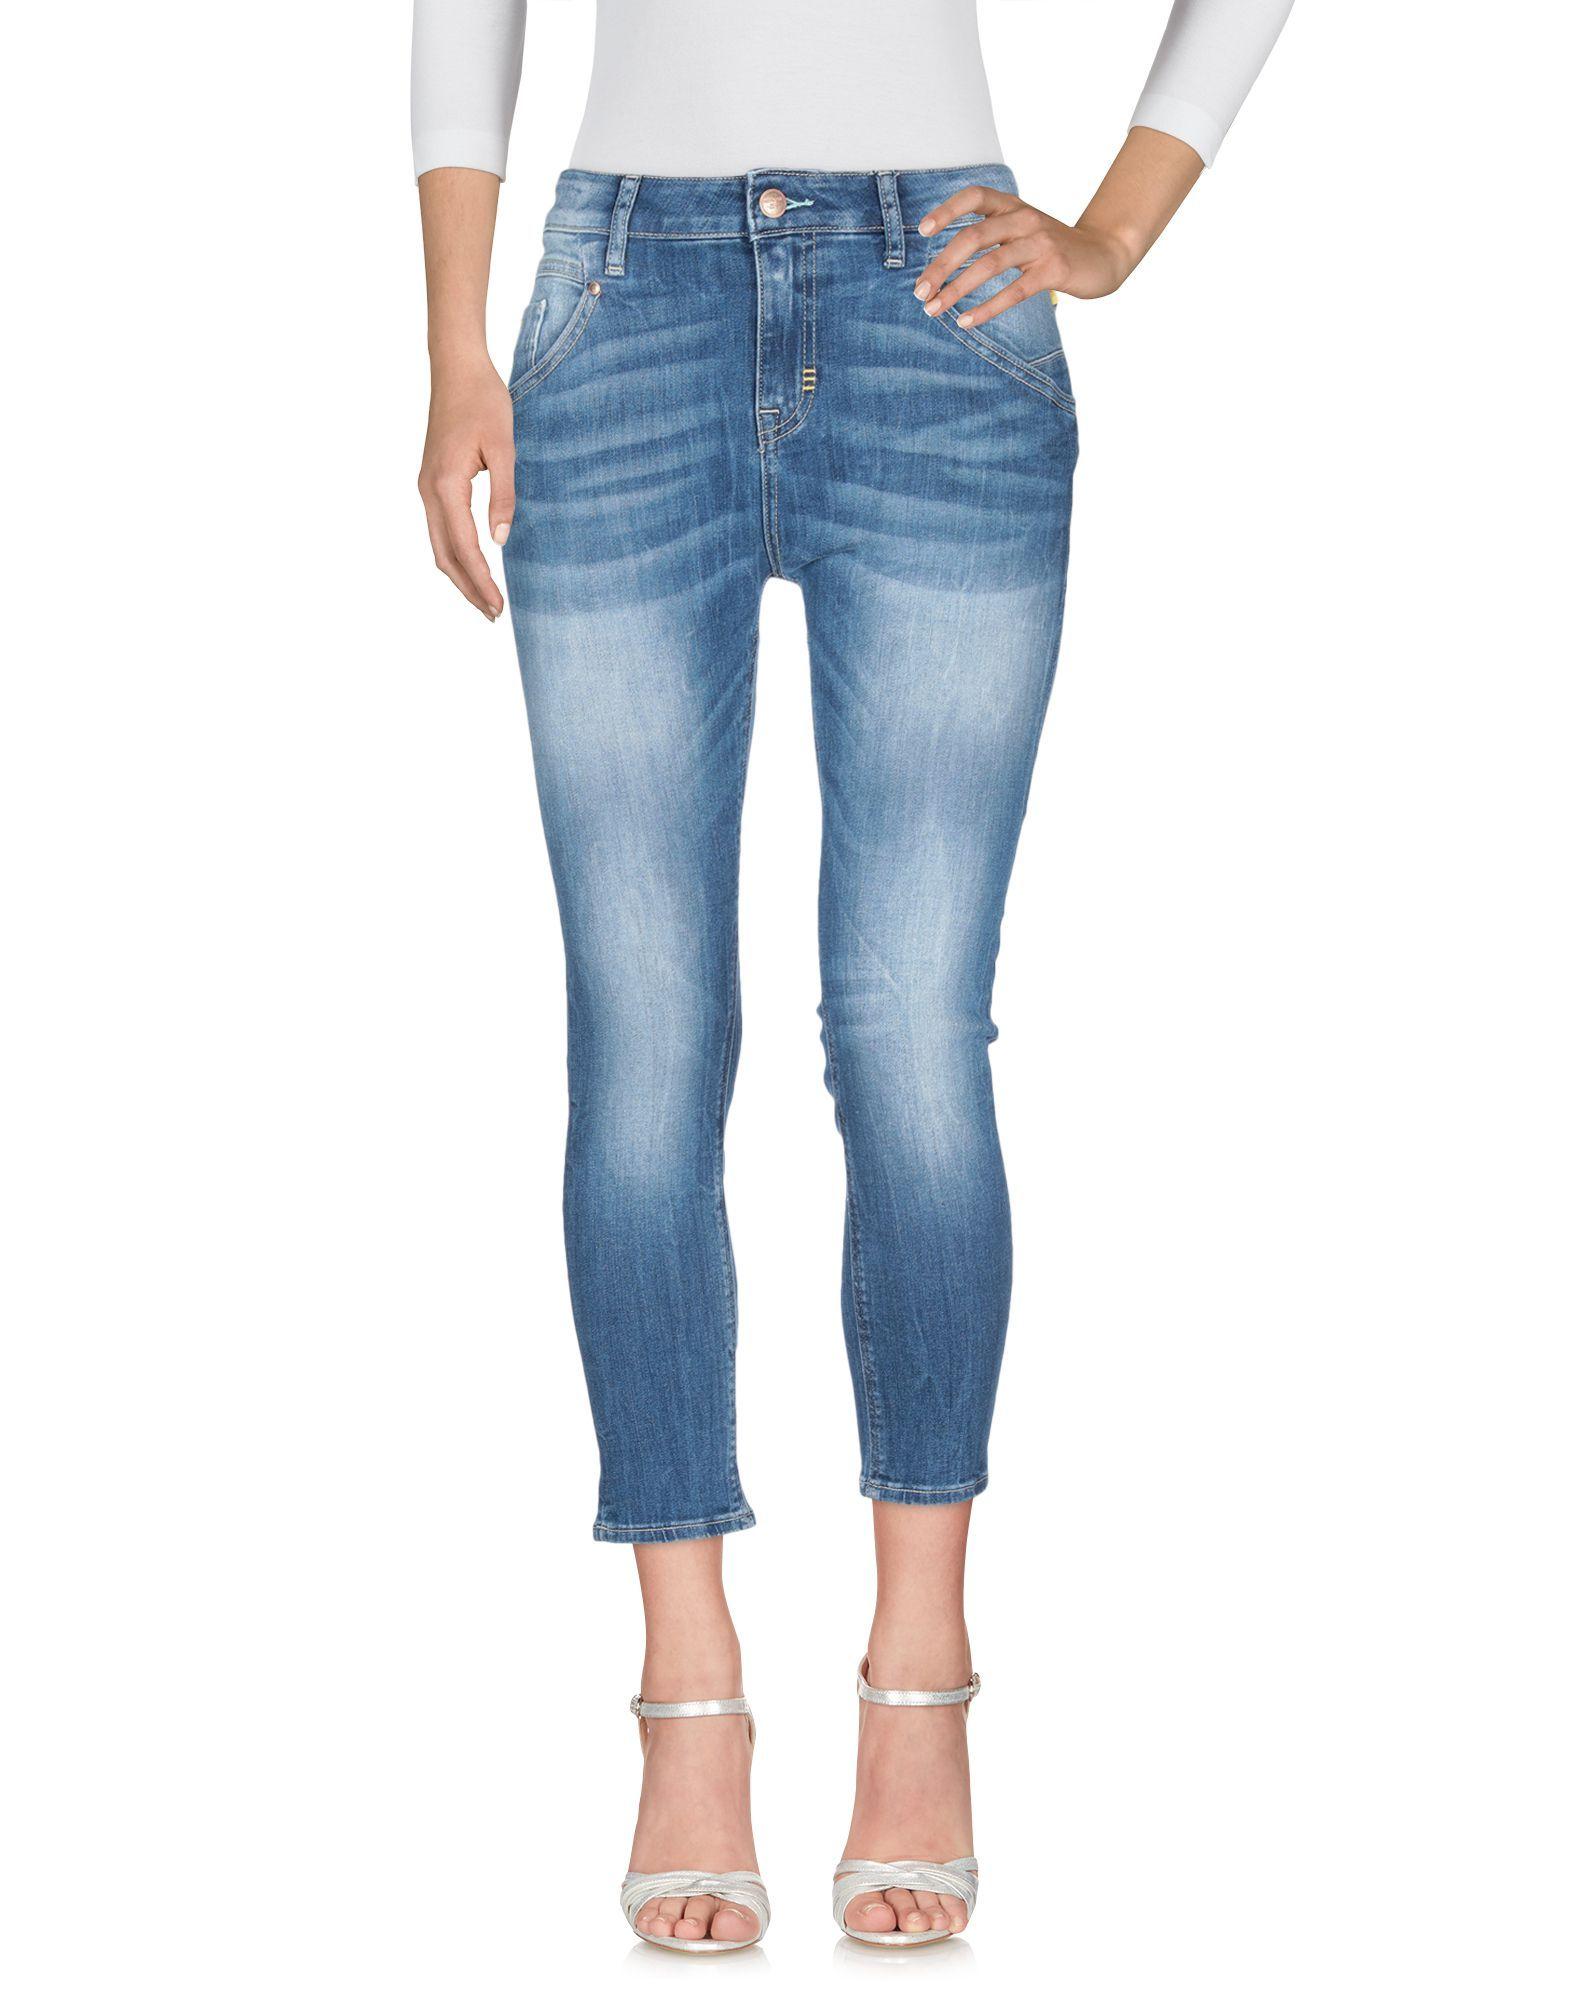 Meltin Pot Blue Cotton Jeans